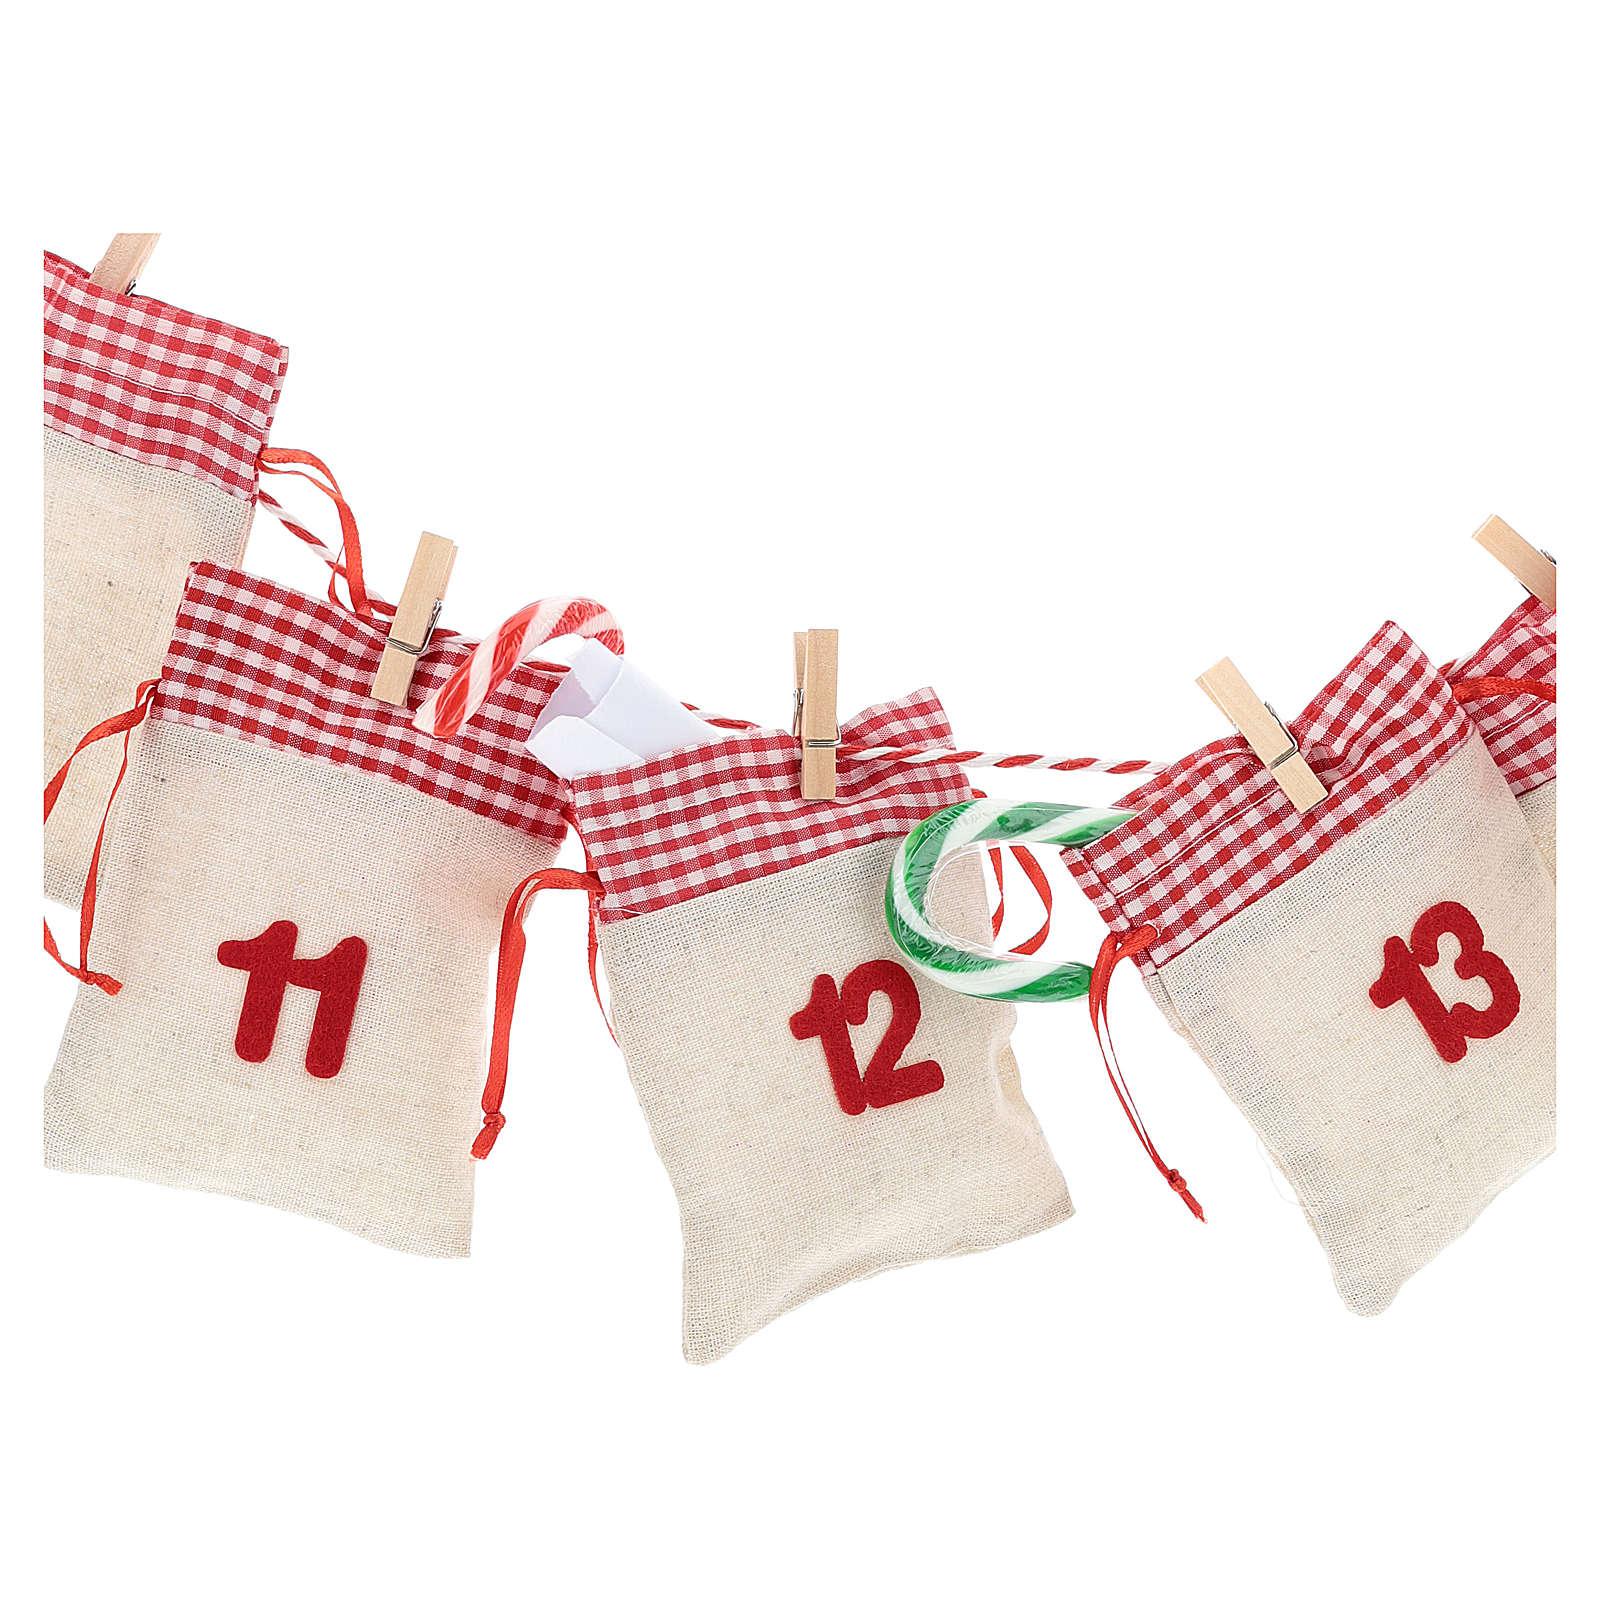 Calendário para o Advento com bolsas 3